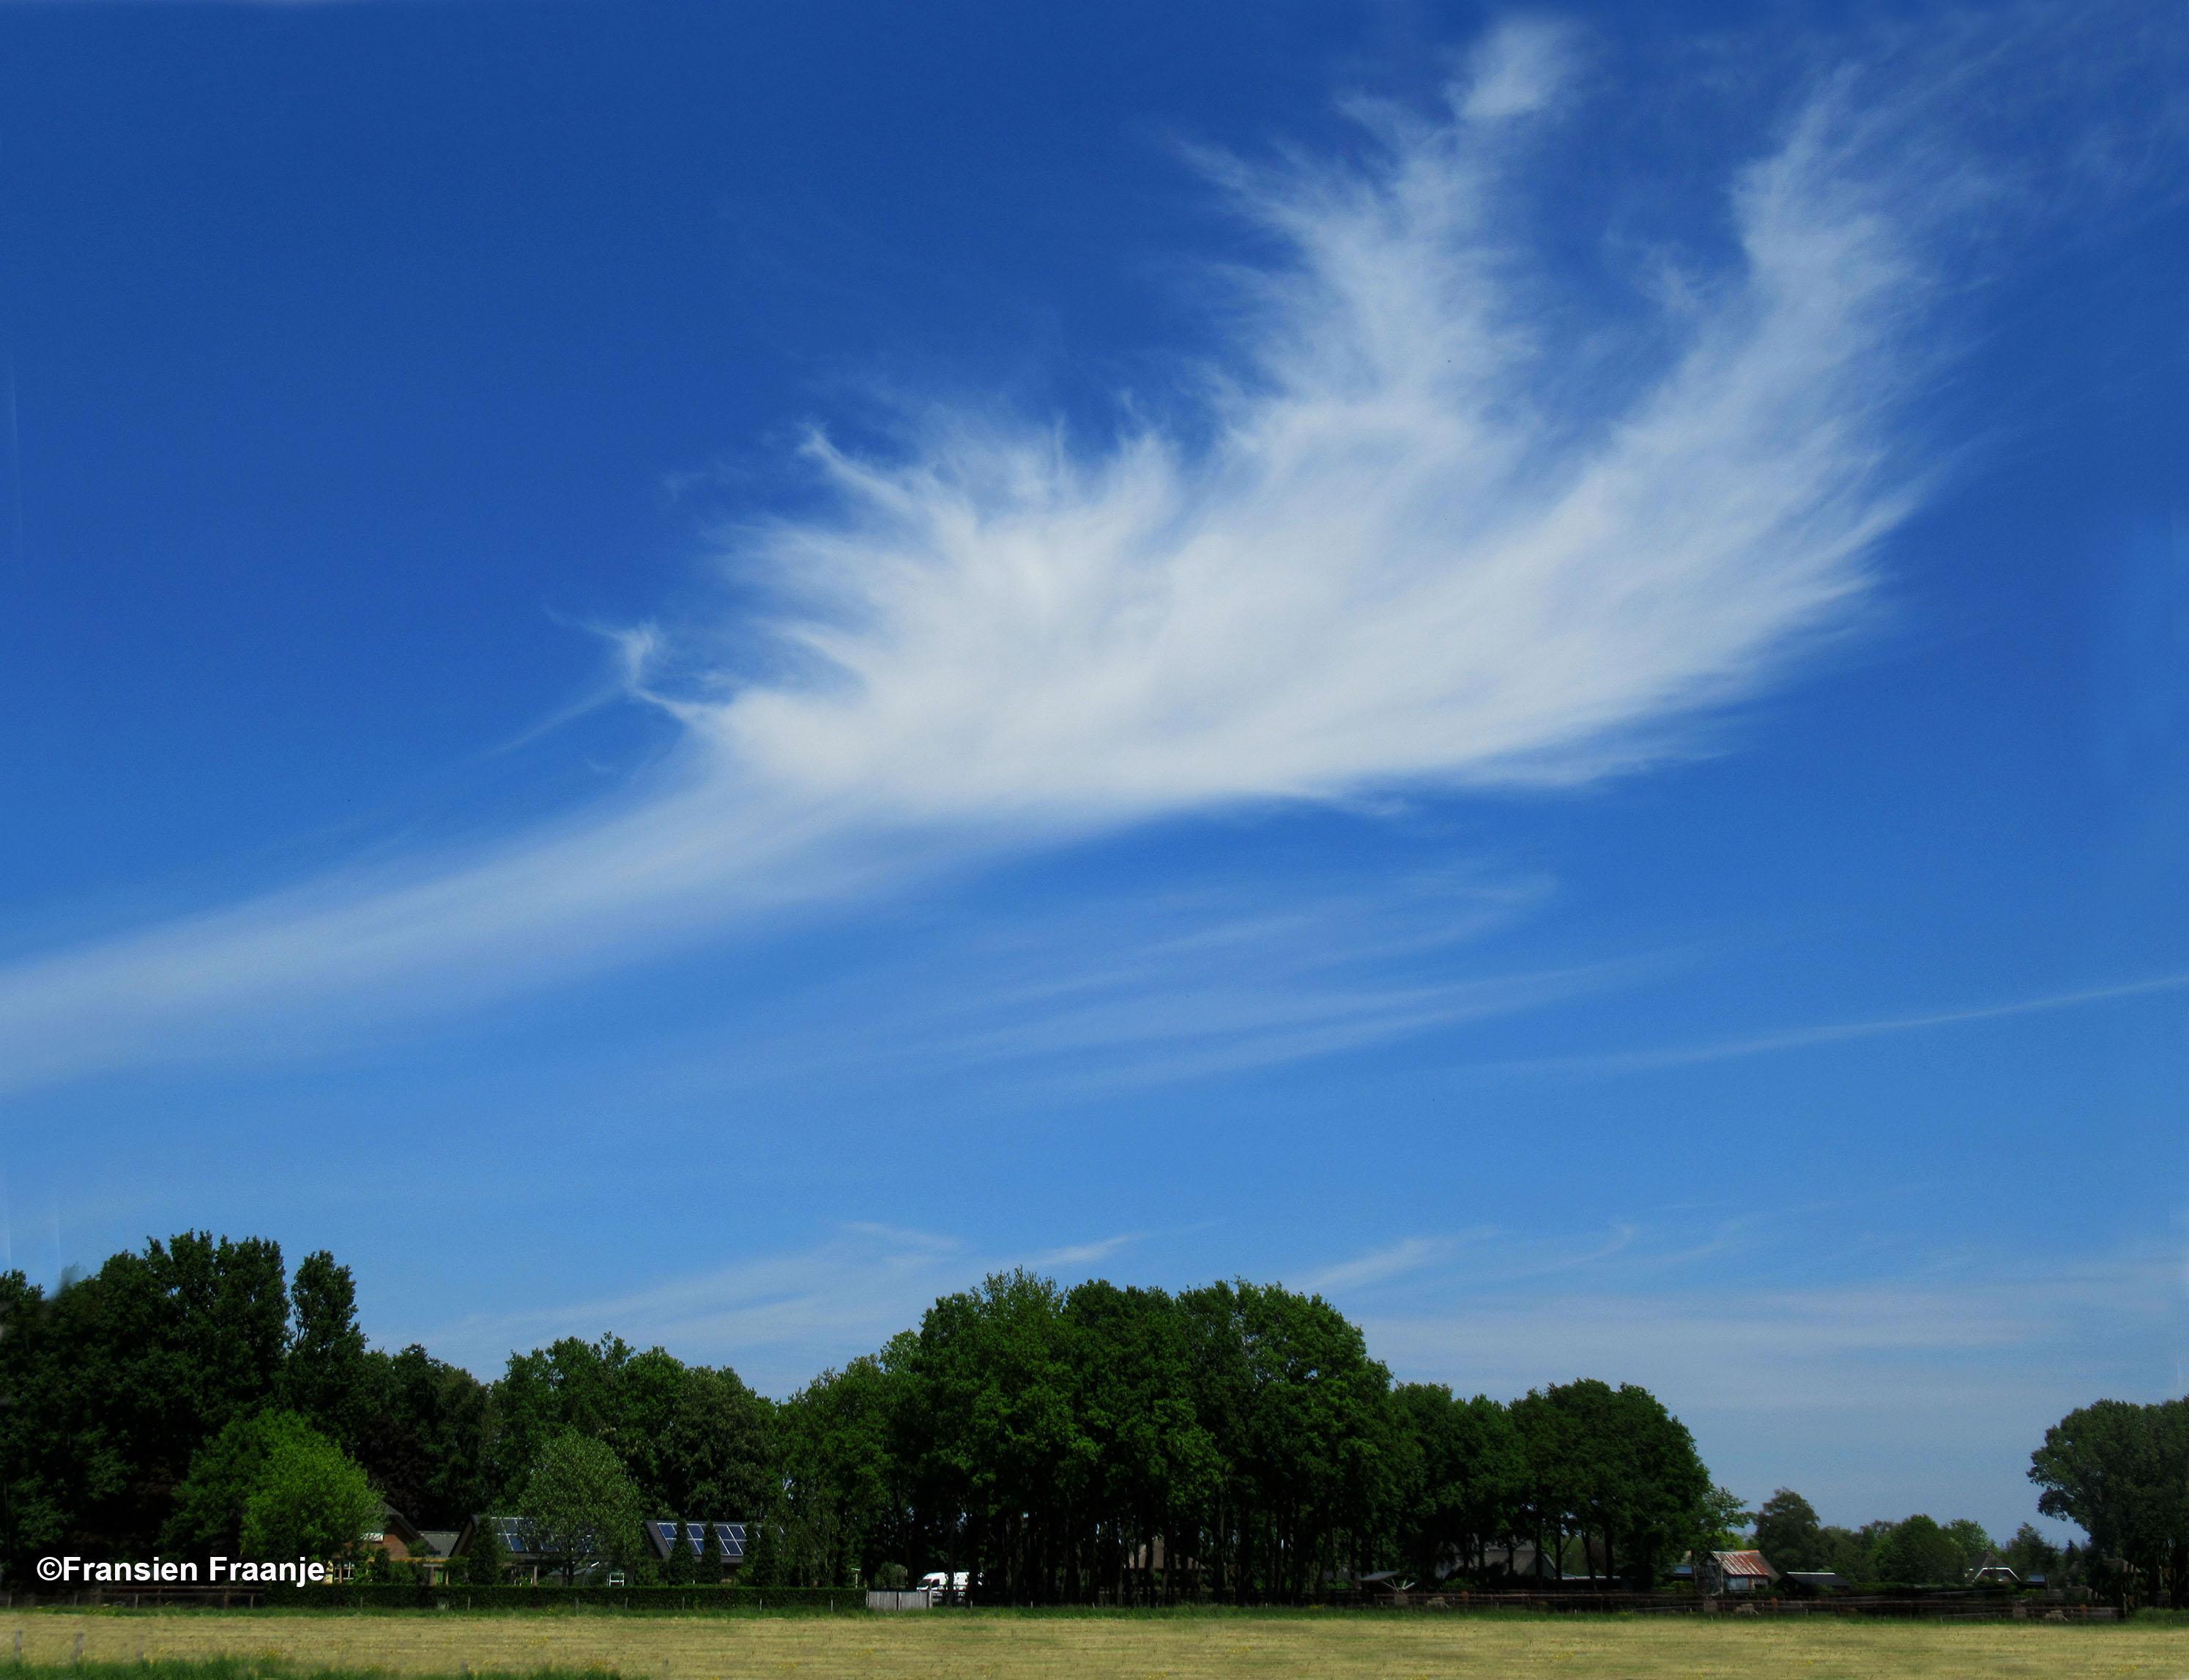 Richting Uddel zien we weer zo'n prachtige windveer aan de hemel - Foto: ©Fransien Fraanje